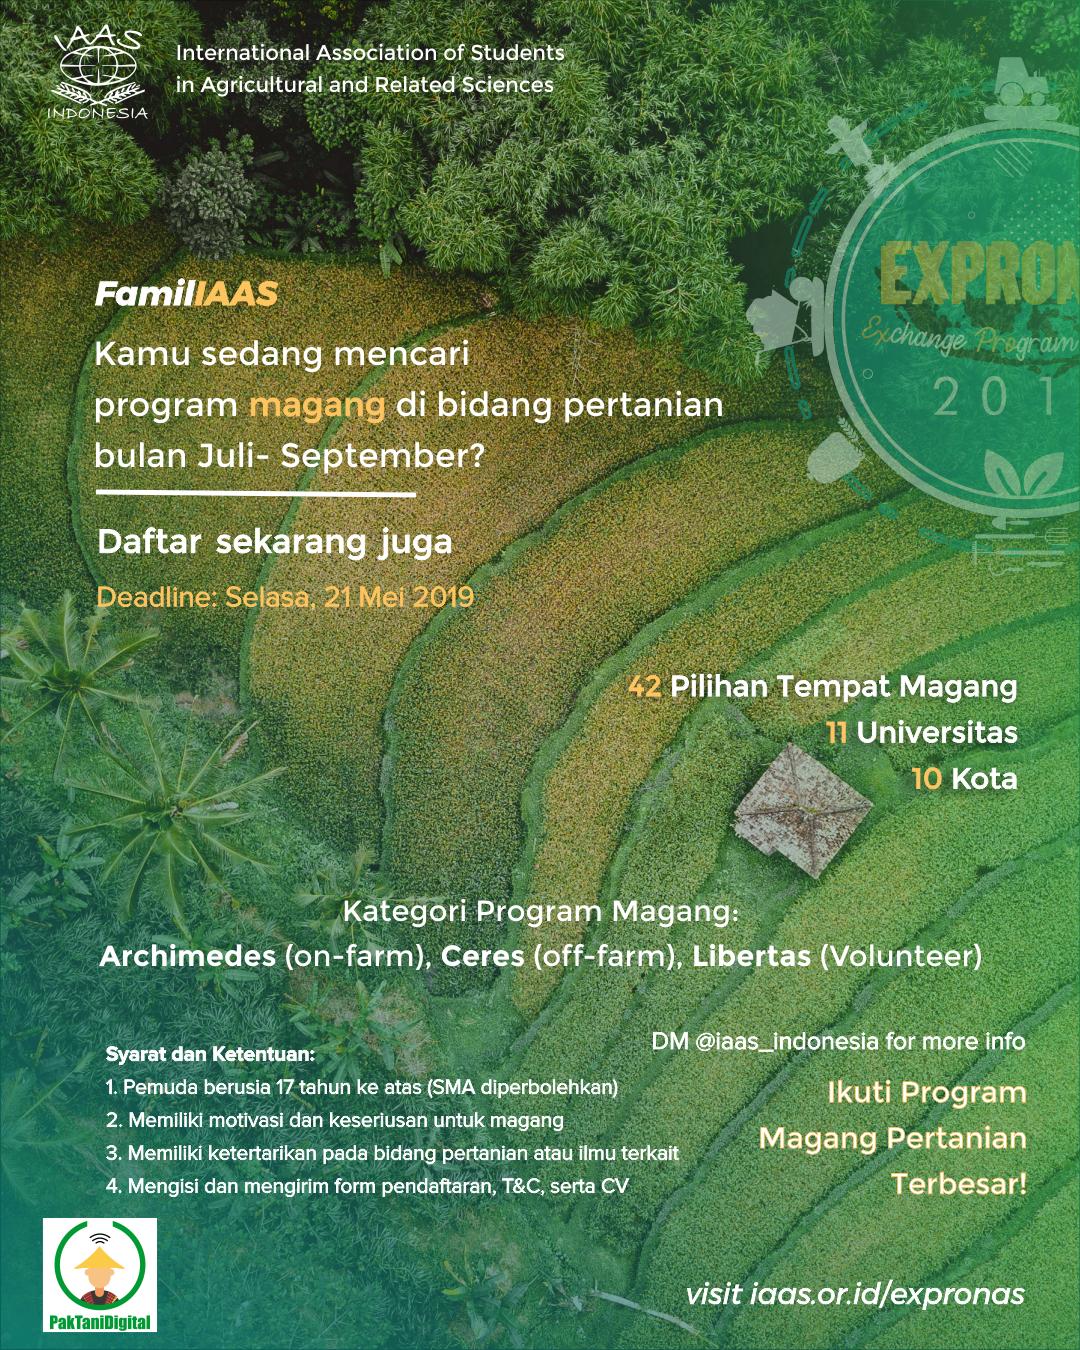 Program Magang EXPRONAS